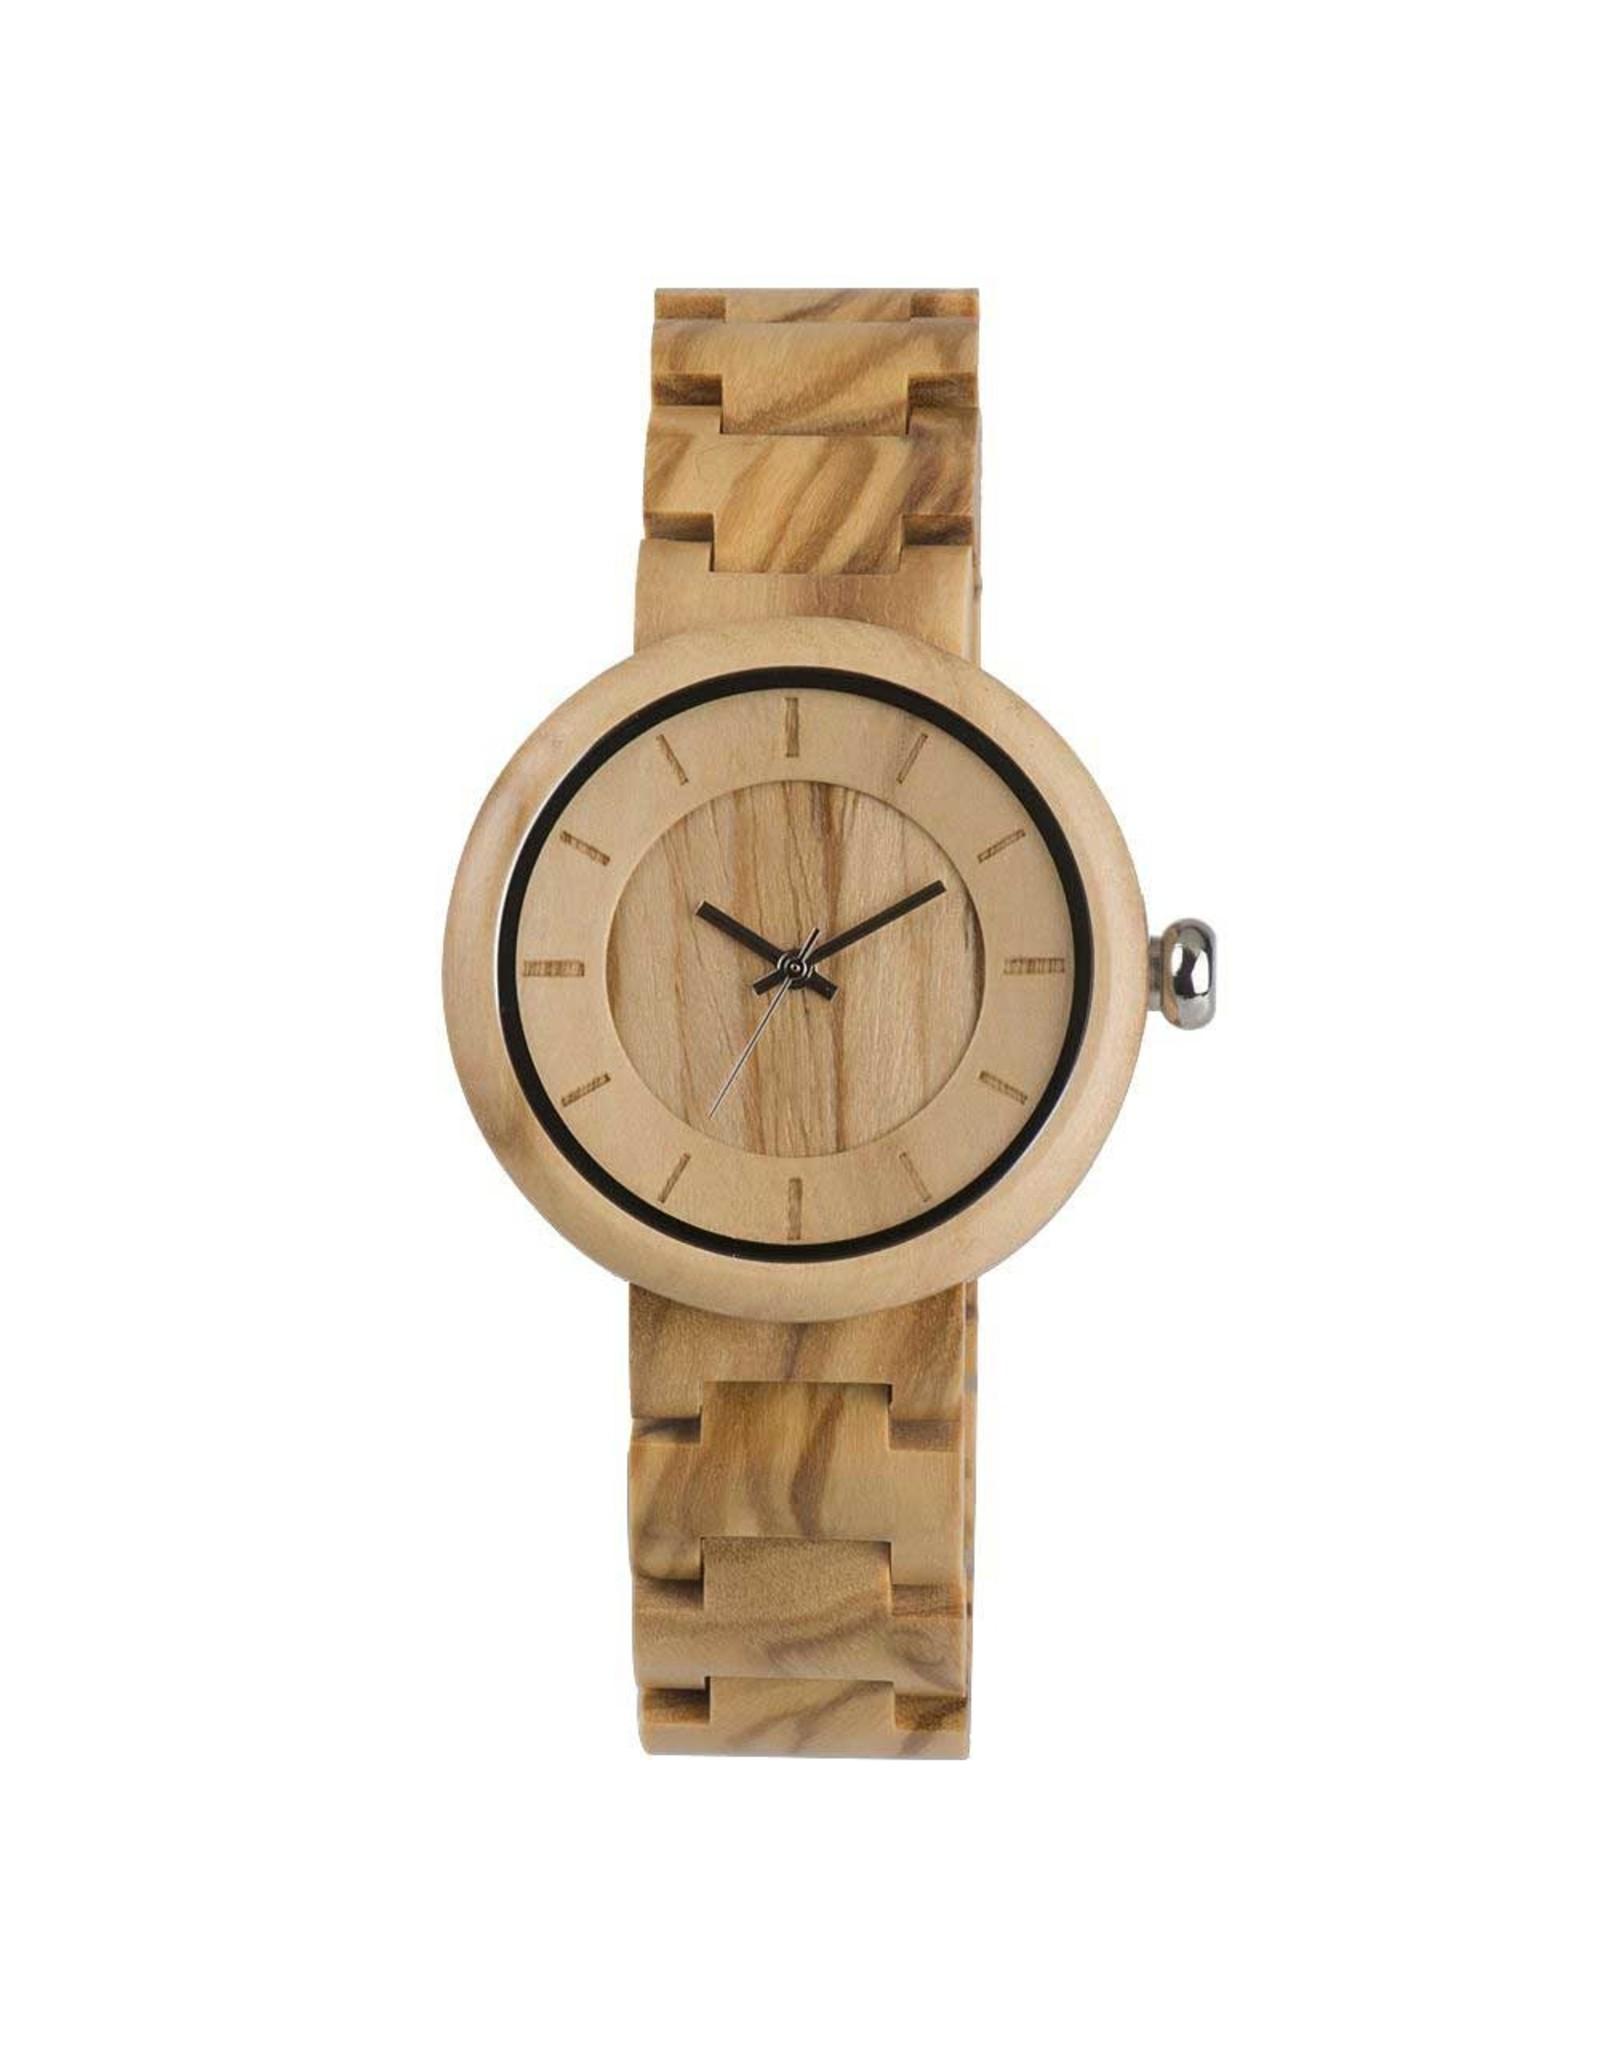 Hot&Tot Houten Horloge | 37mm| Olijfhout